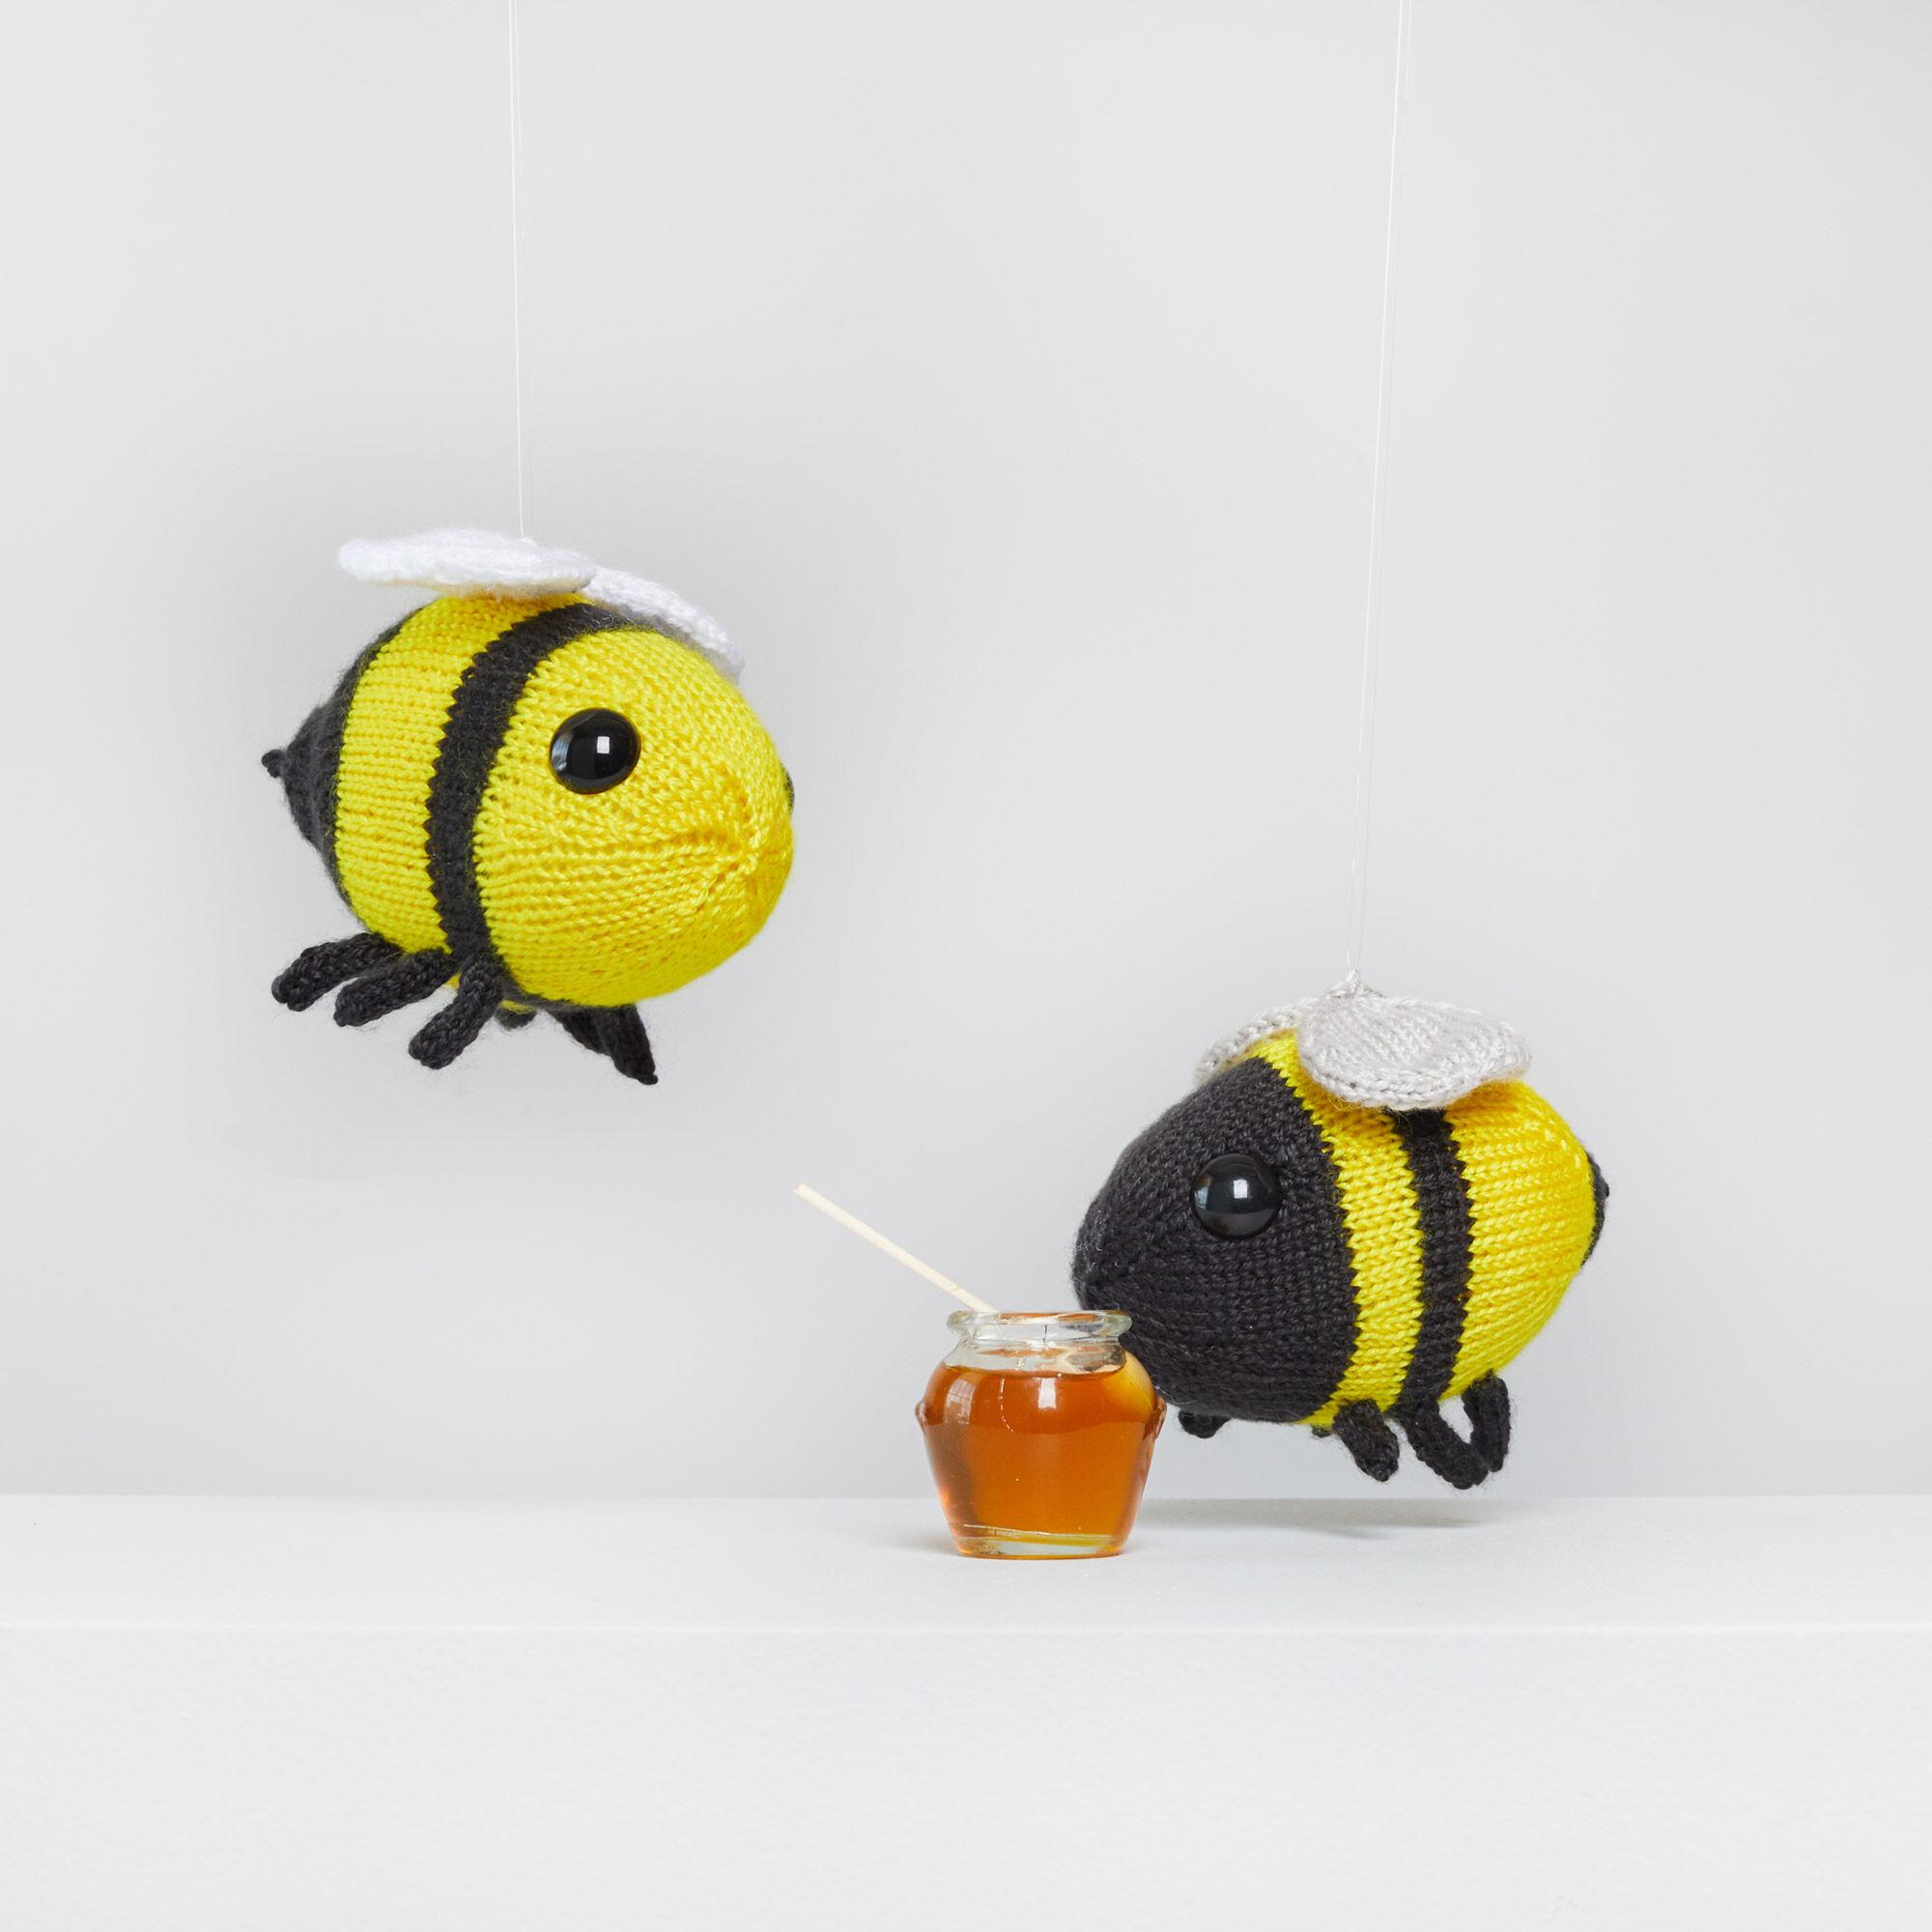 Amigurumi Happiness | Red Heart | Yarn bee, Crochet amigurumi free ... | 2000x2000